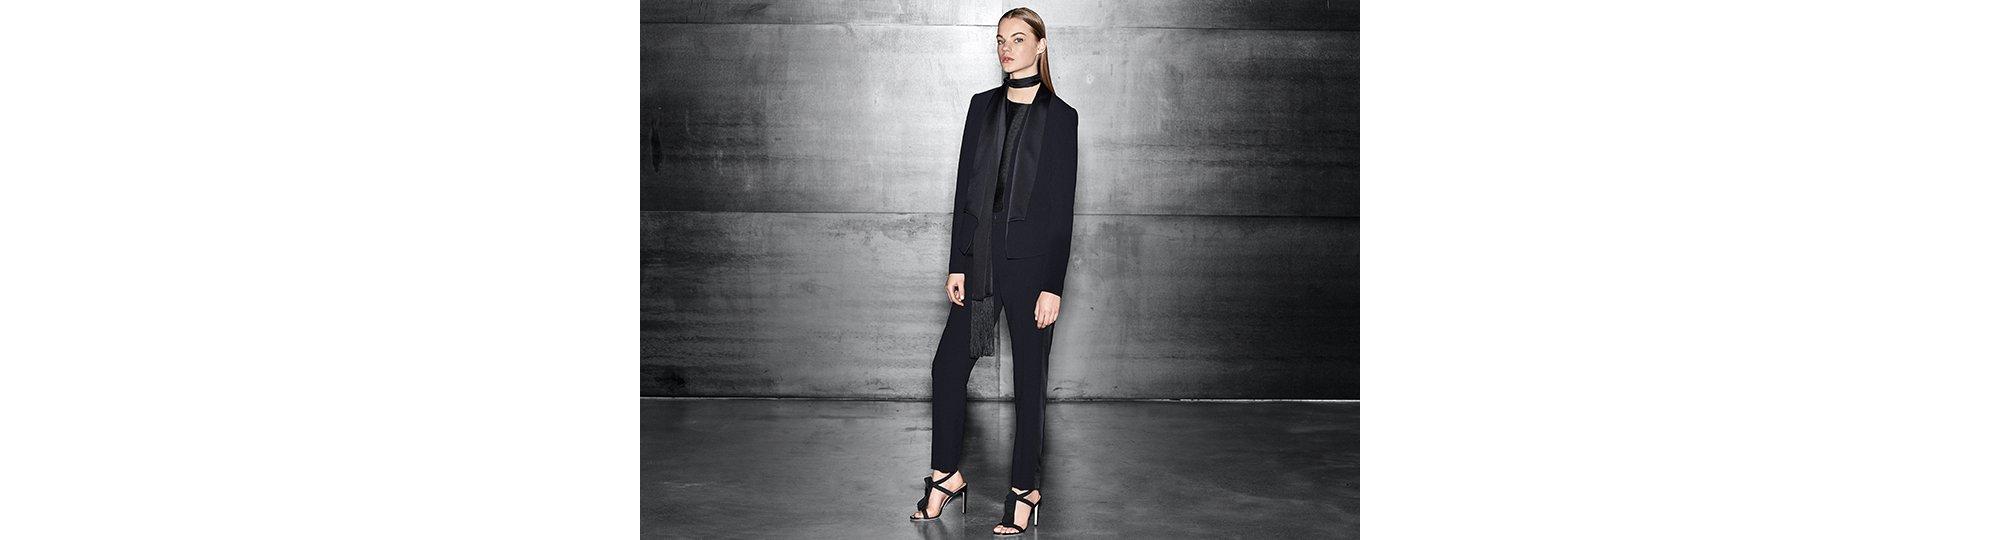 Vrouw draagt womenswear-smoking met zwarte hoge hakken van BOSS